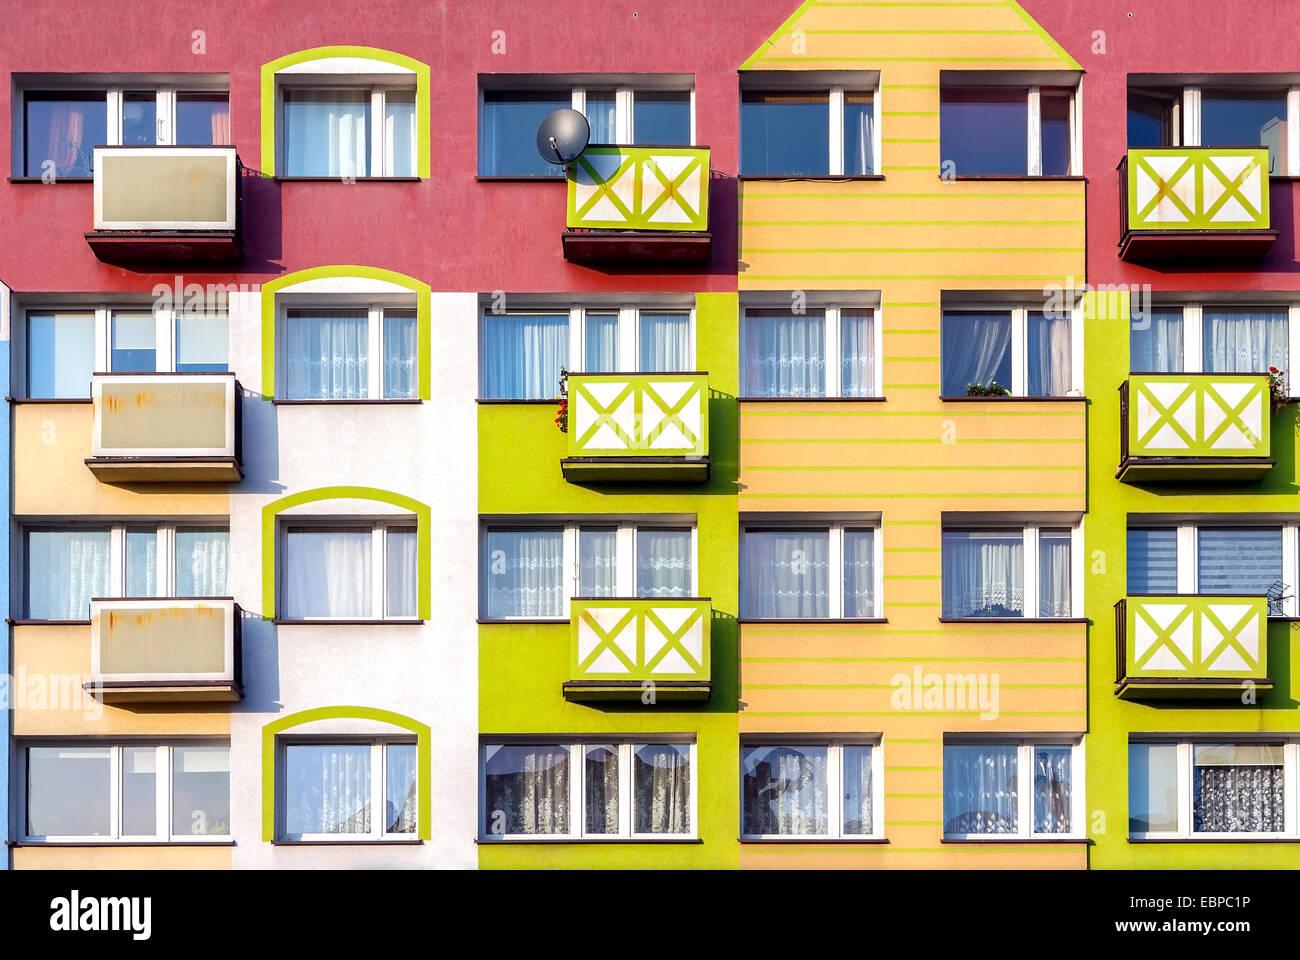 Fenster und bunte Fassade des Wohnhauses. Stockbild